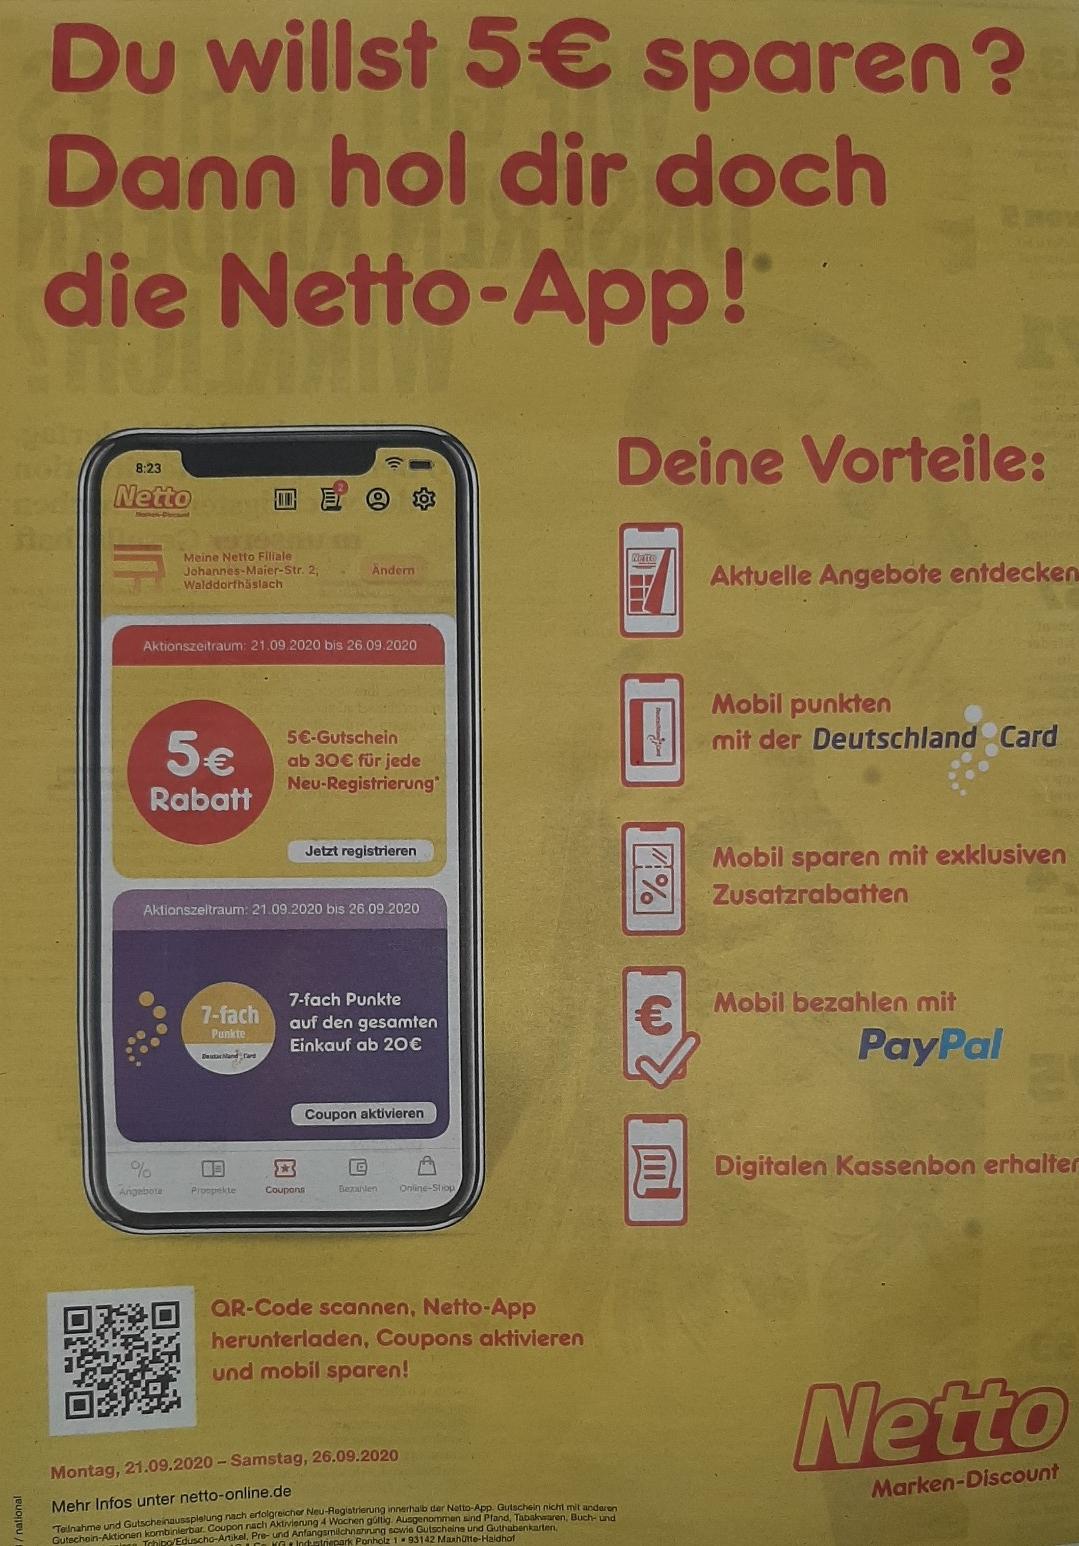 [Netto App] 5 € Gutschein ab 30 € für jede Neu Registrierung